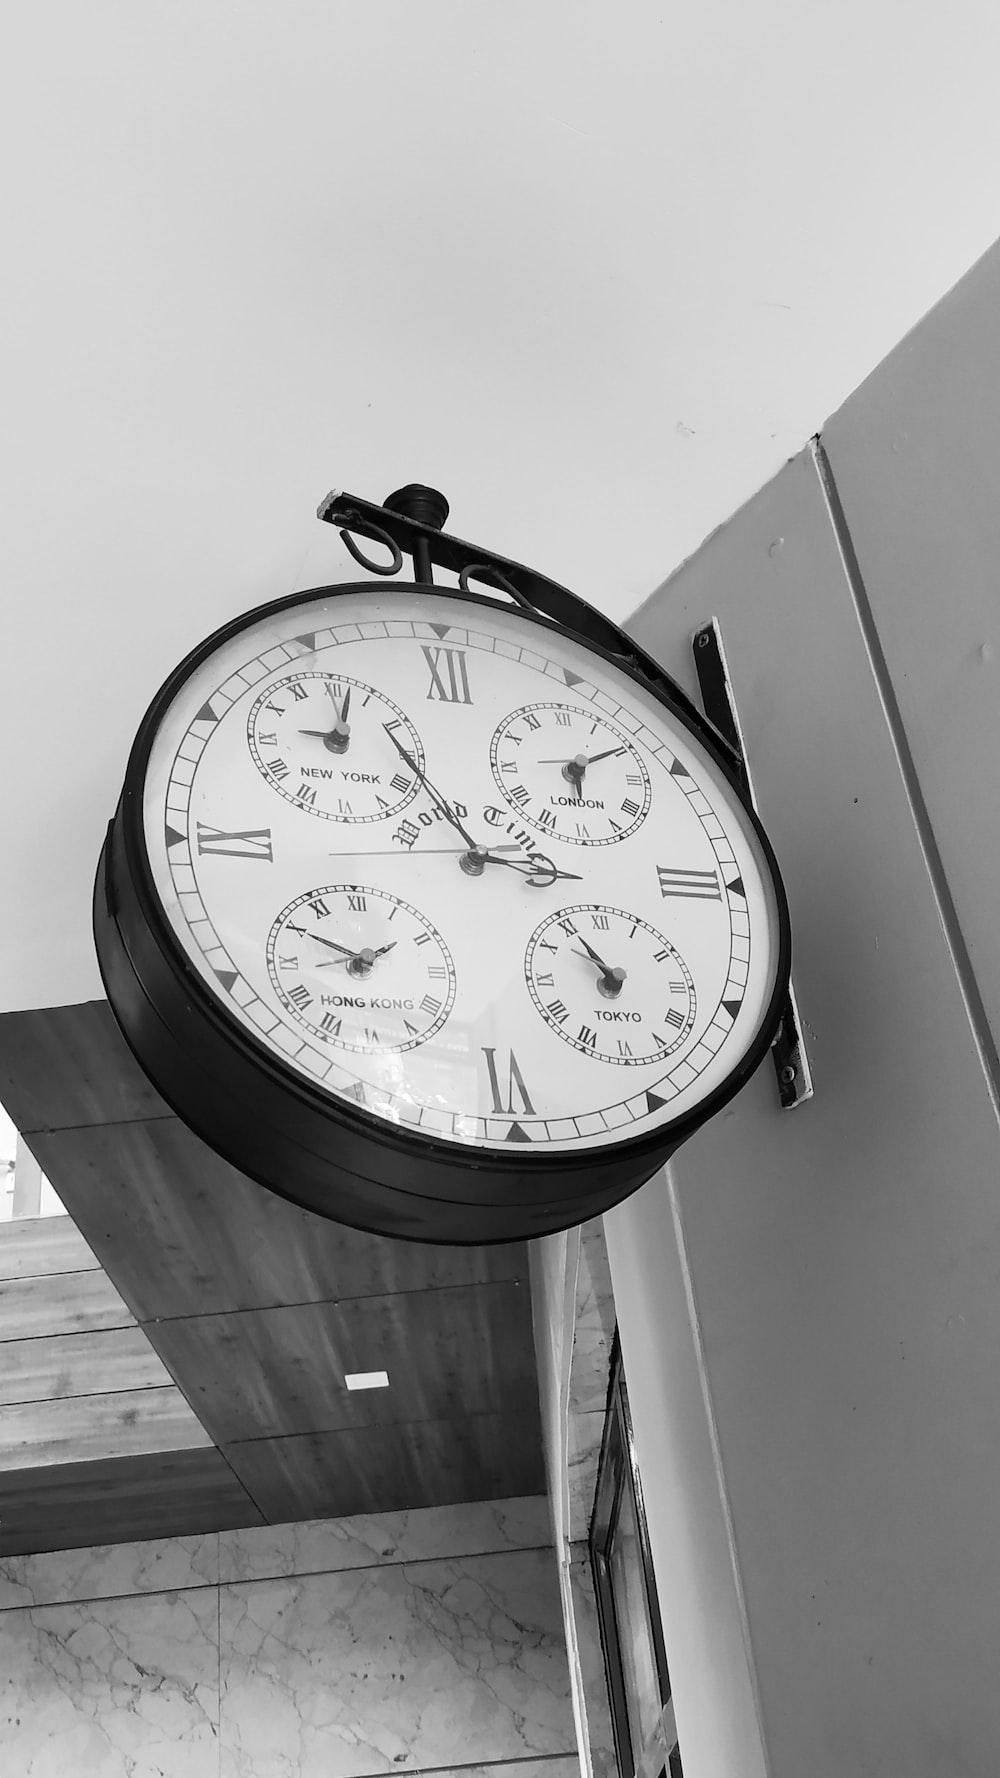 black and white round analog wall clock